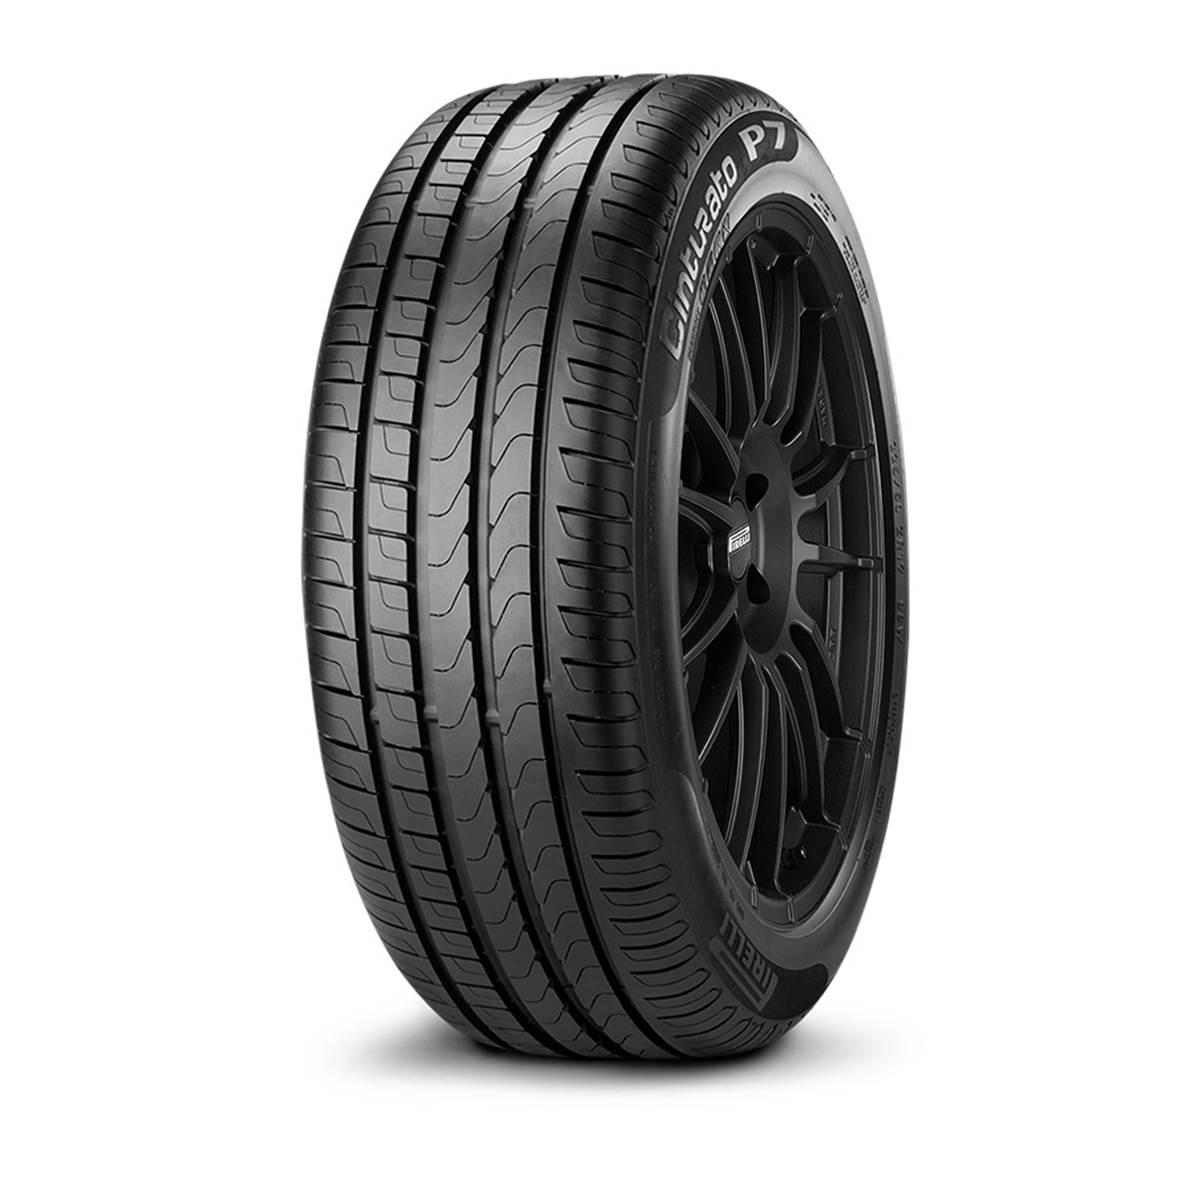 Pirelli Cinturato P7 Homologue Bmw Xl